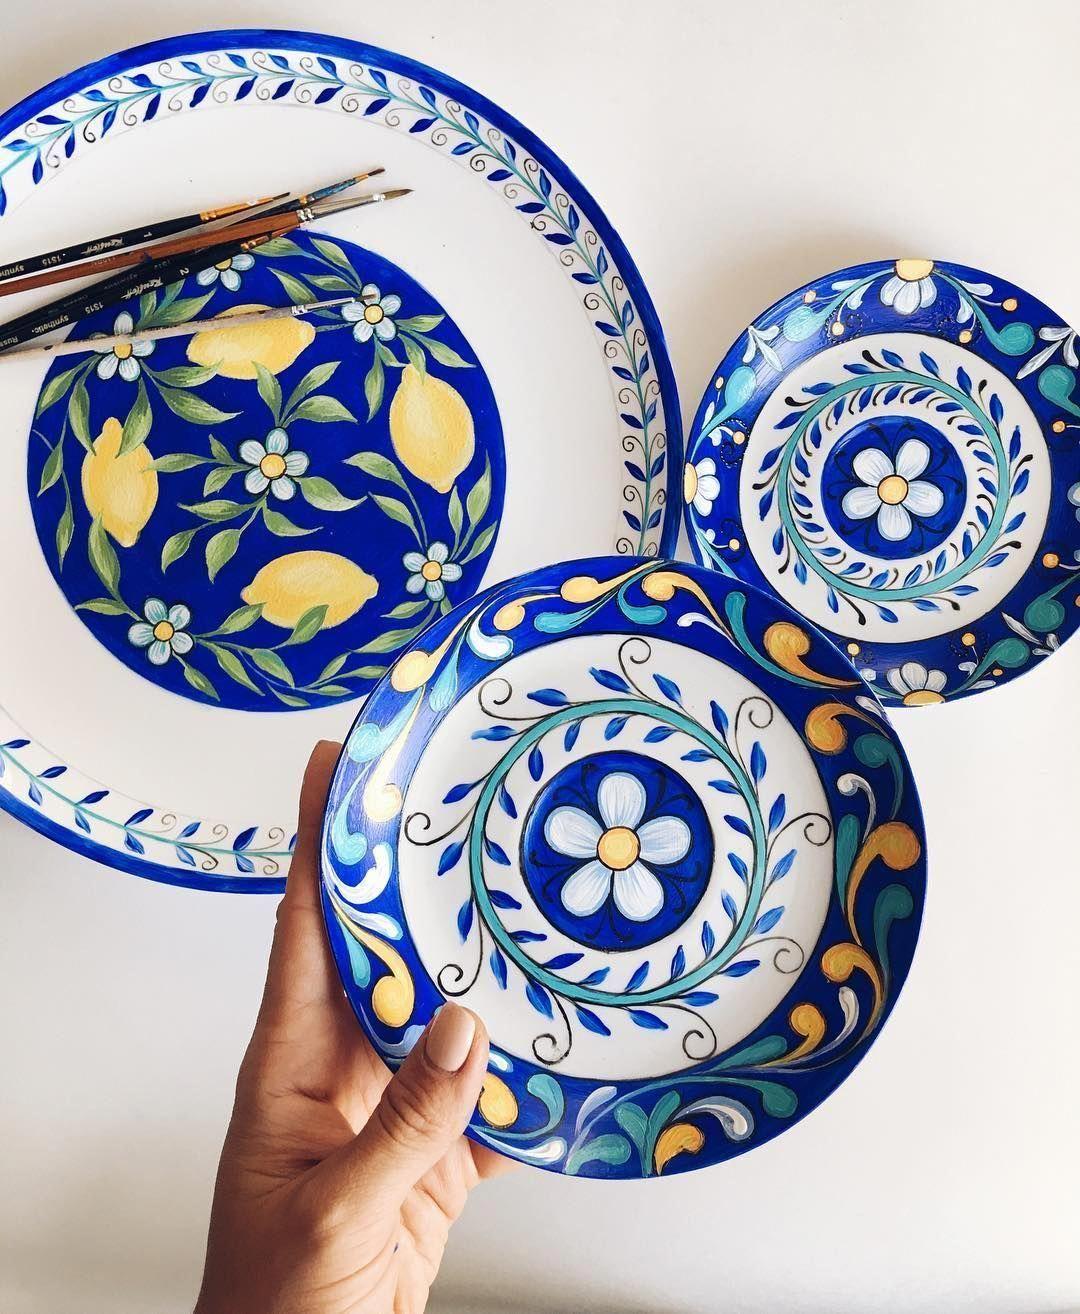 Translucent Porcelain Royalton China Chineseporcelainglazes Product Id 2451780754 Seramik Comlek Desenler